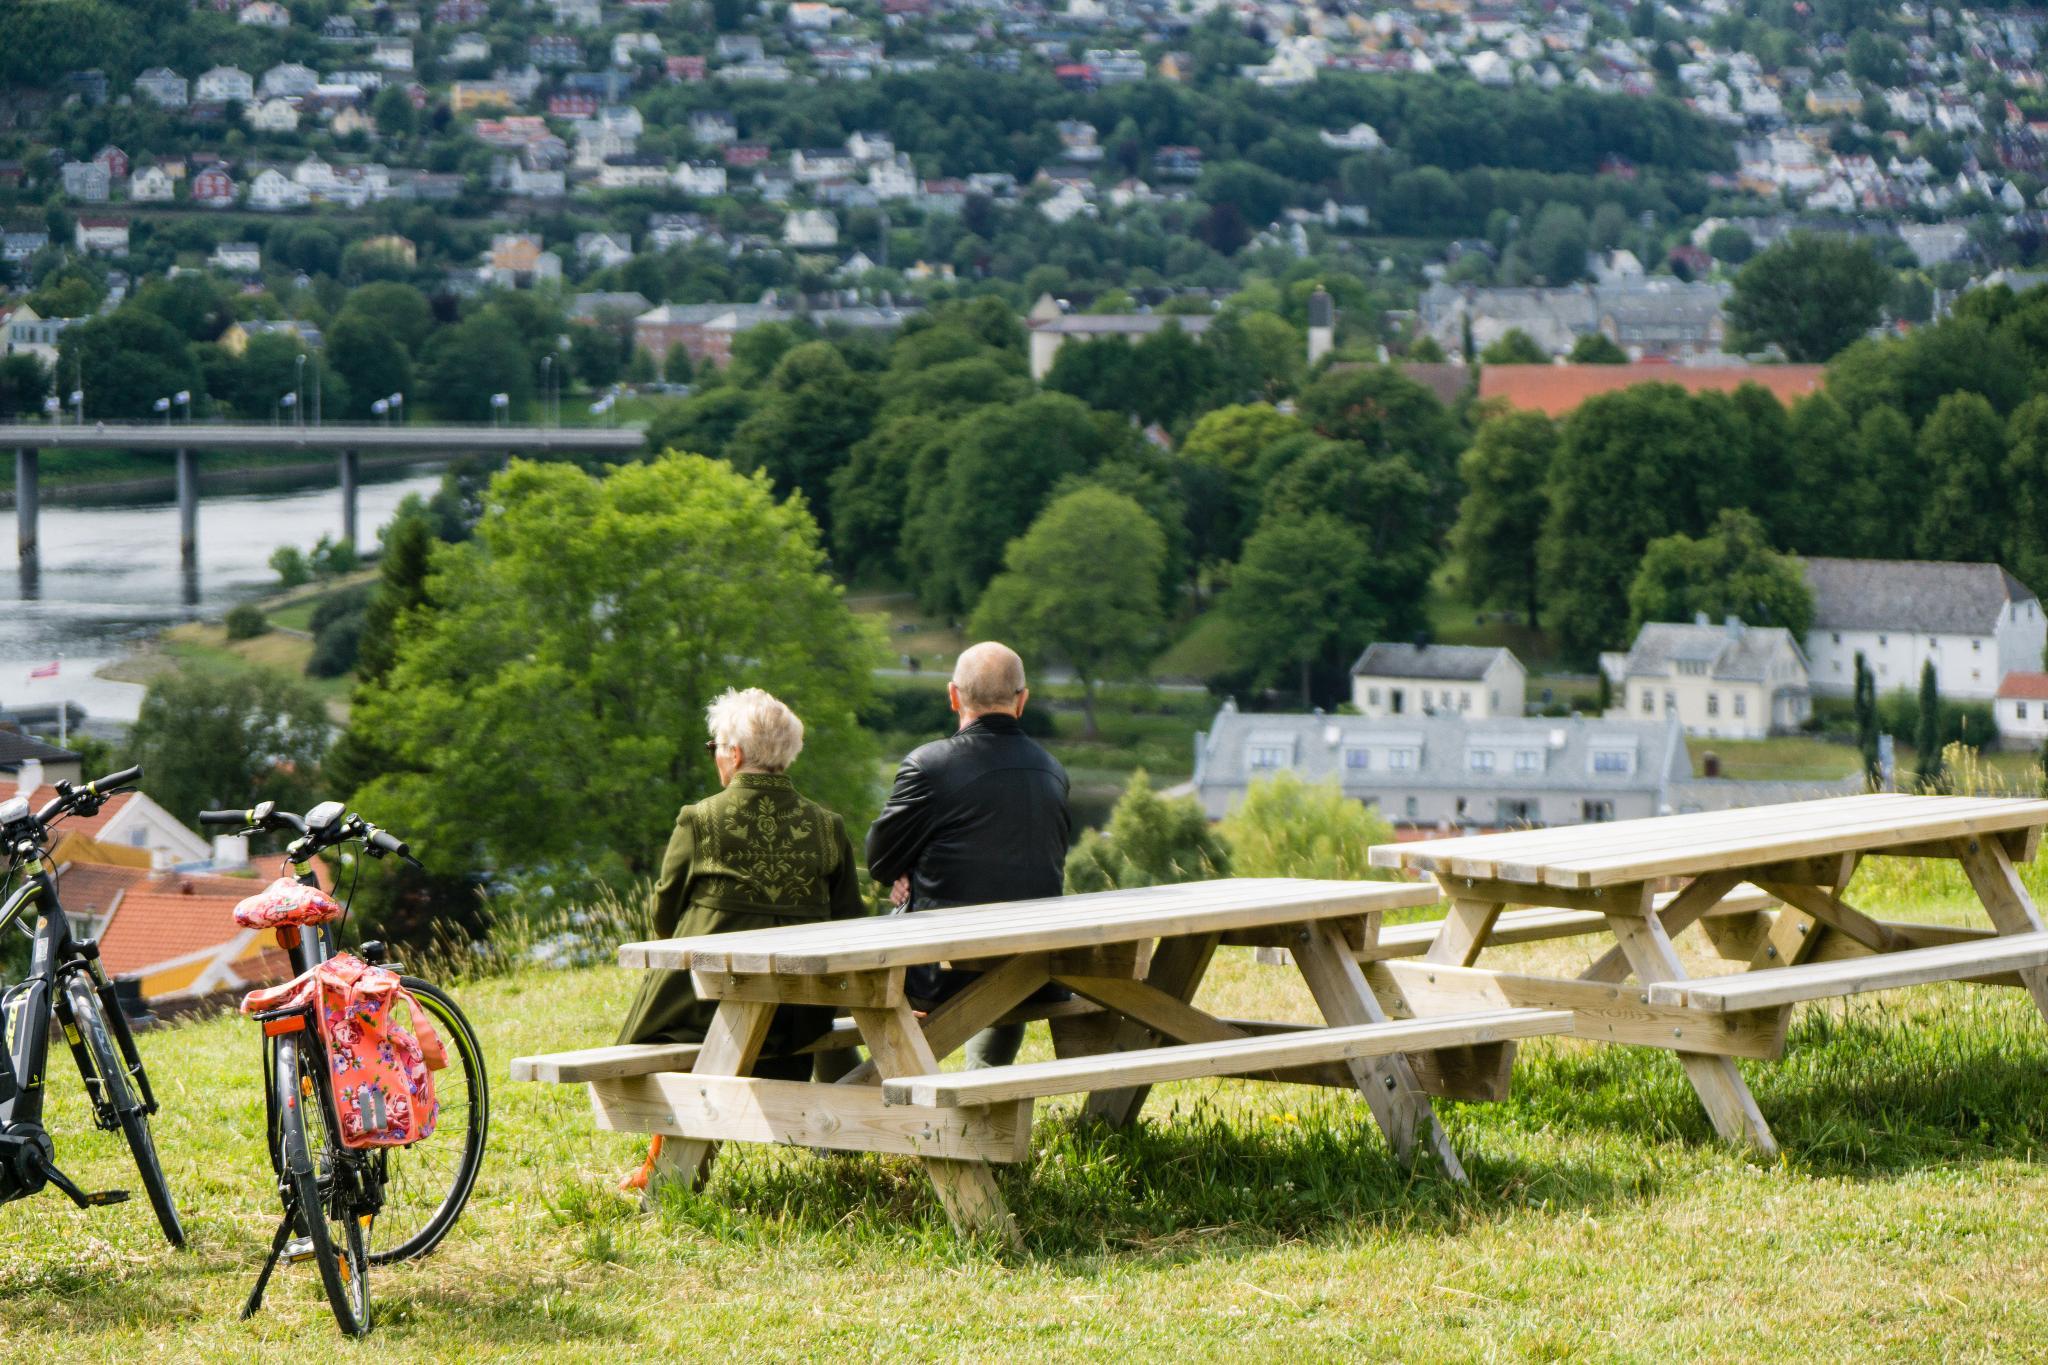 【北歐景點】拜訪維京王的千年古城 - Trondheim 特隆赫姆景點懶人包 9